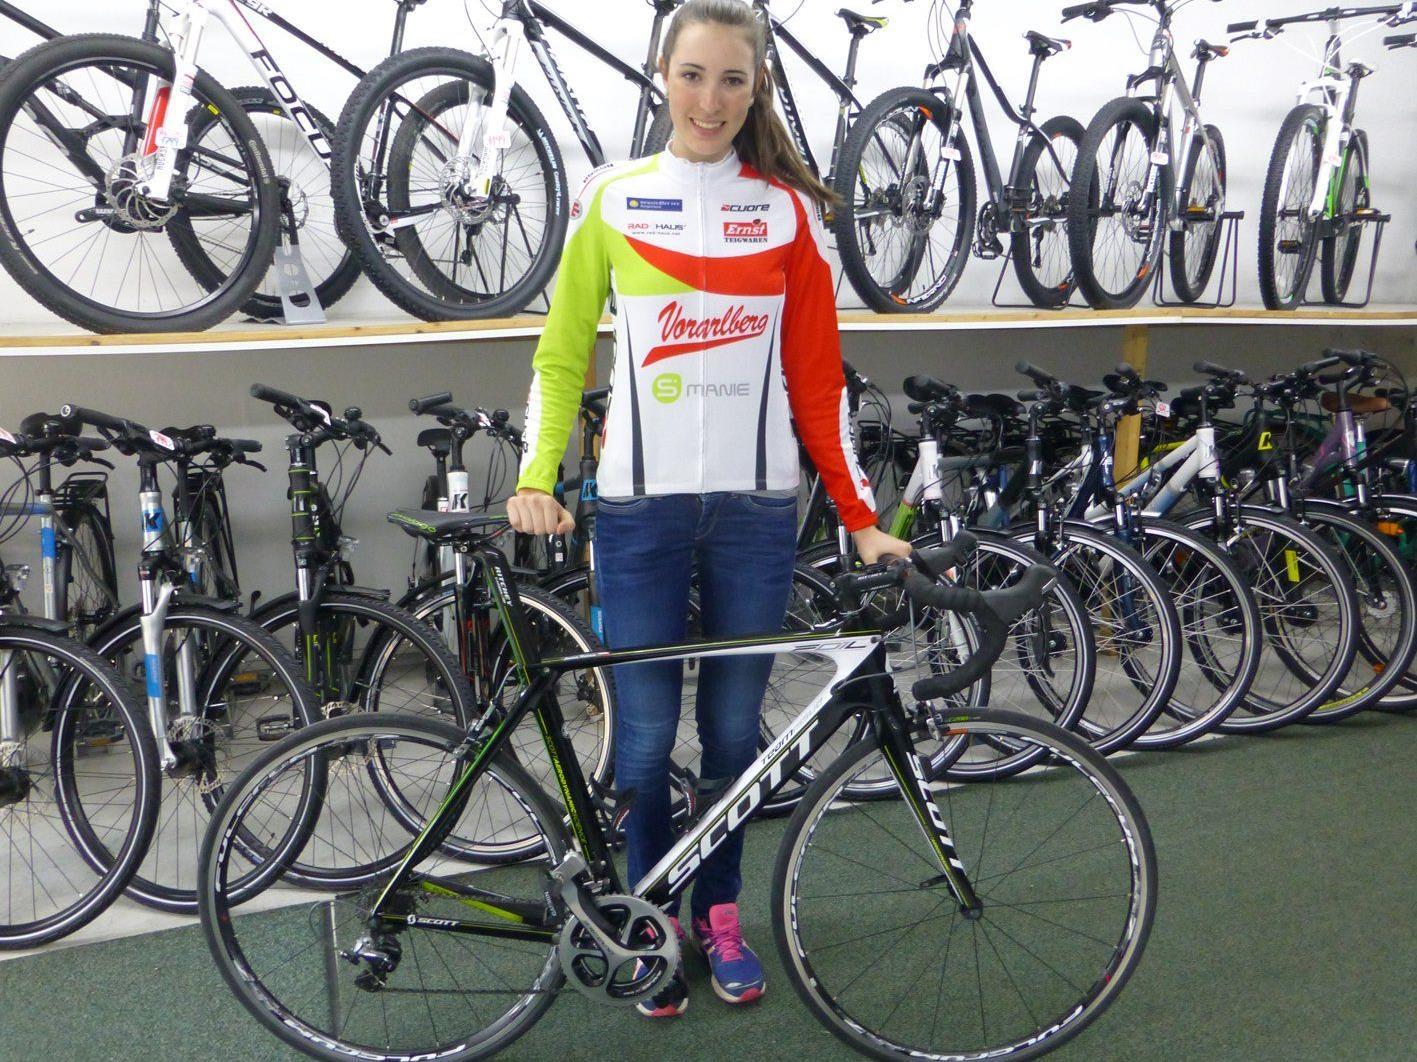 Die Teilnahme an der Jugendolympiade ist das große Ziel von Melanie Amann für 2014.